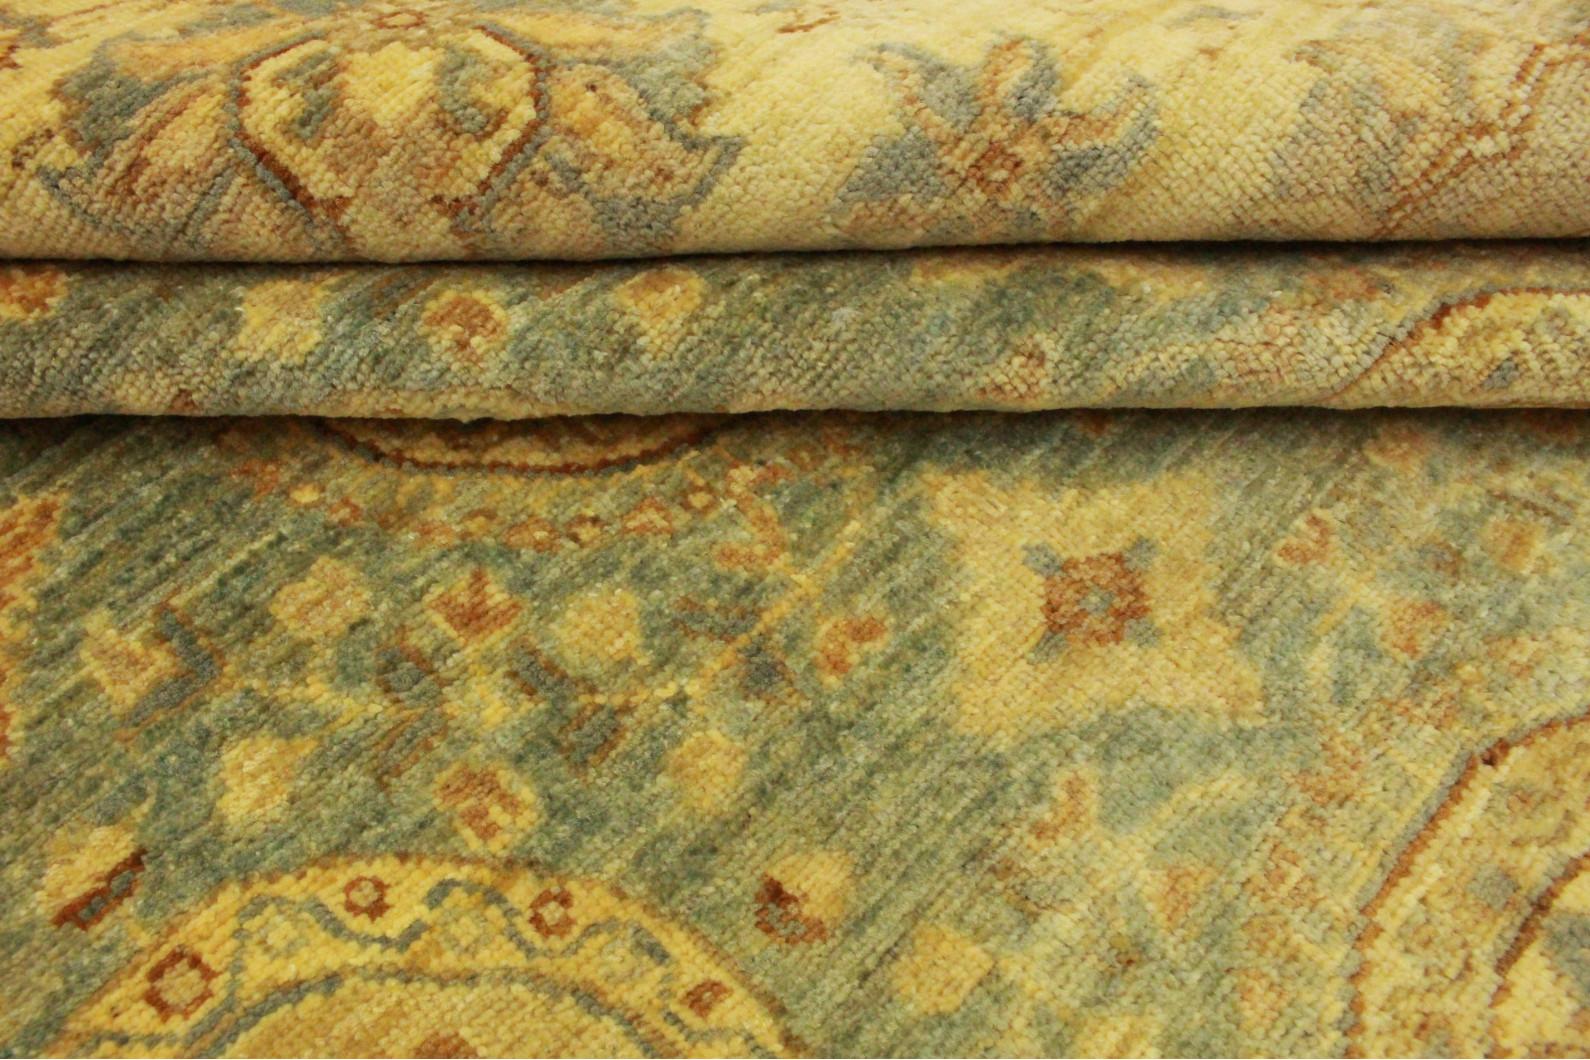 ziegler teppich rund blau braun in 200x200cm 5001 699 bei kaufen. Black Bedroom Furniture Sets. Home Design Ideas